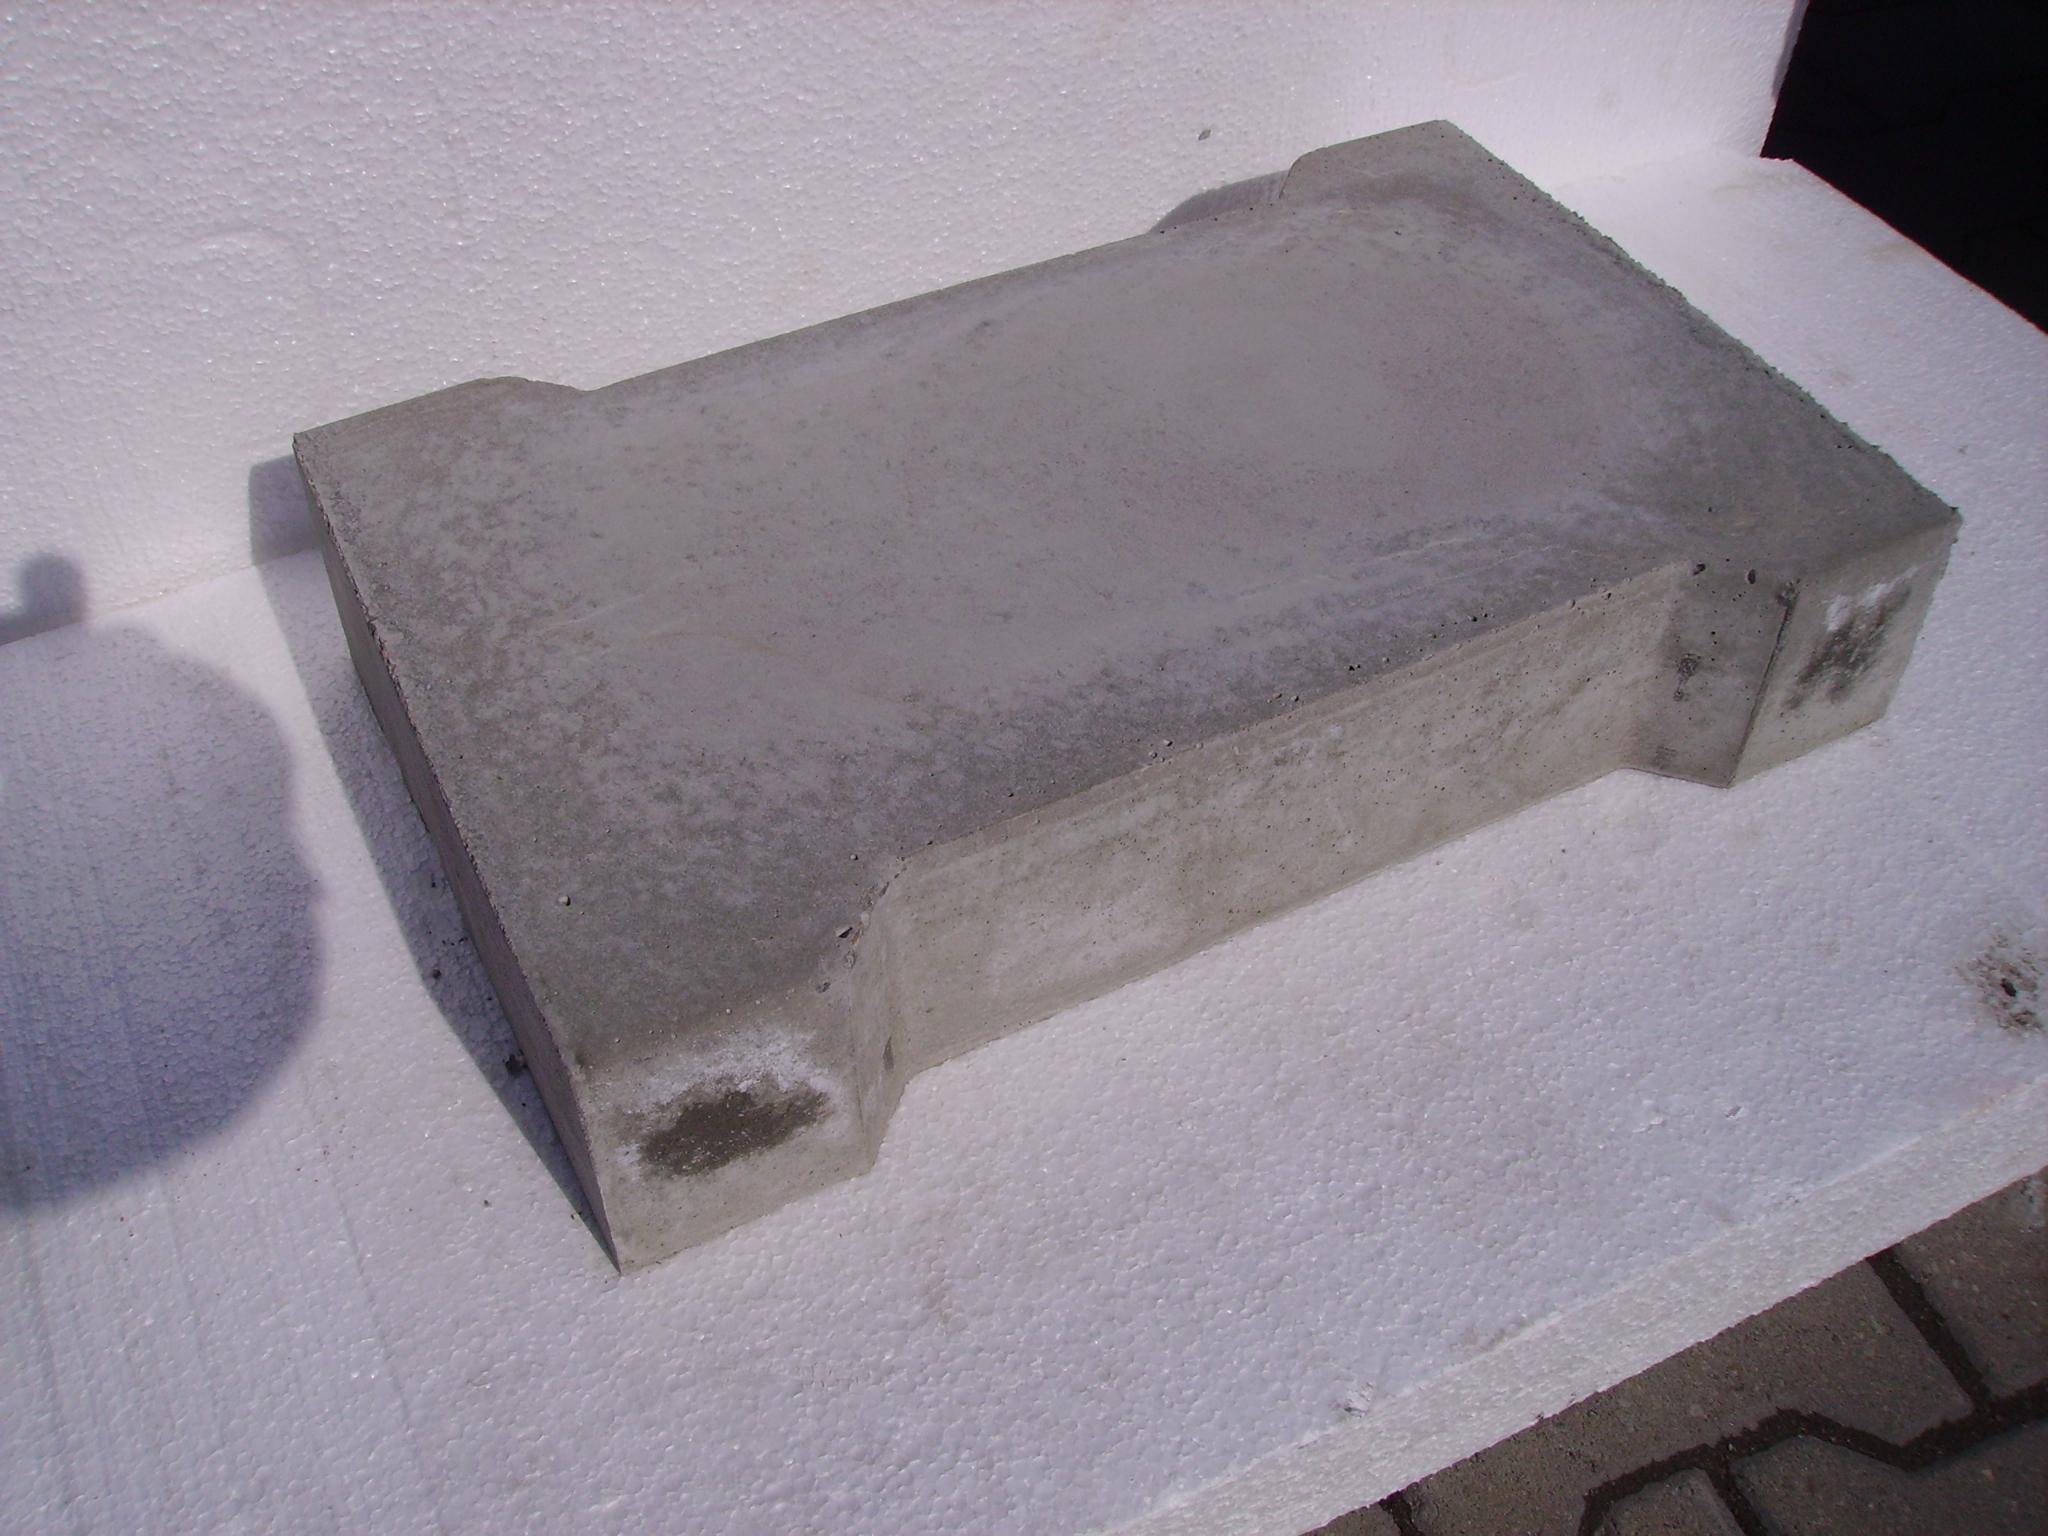 CAPAC RIGOLA SIMPLA 49 X 30 X 10 cm